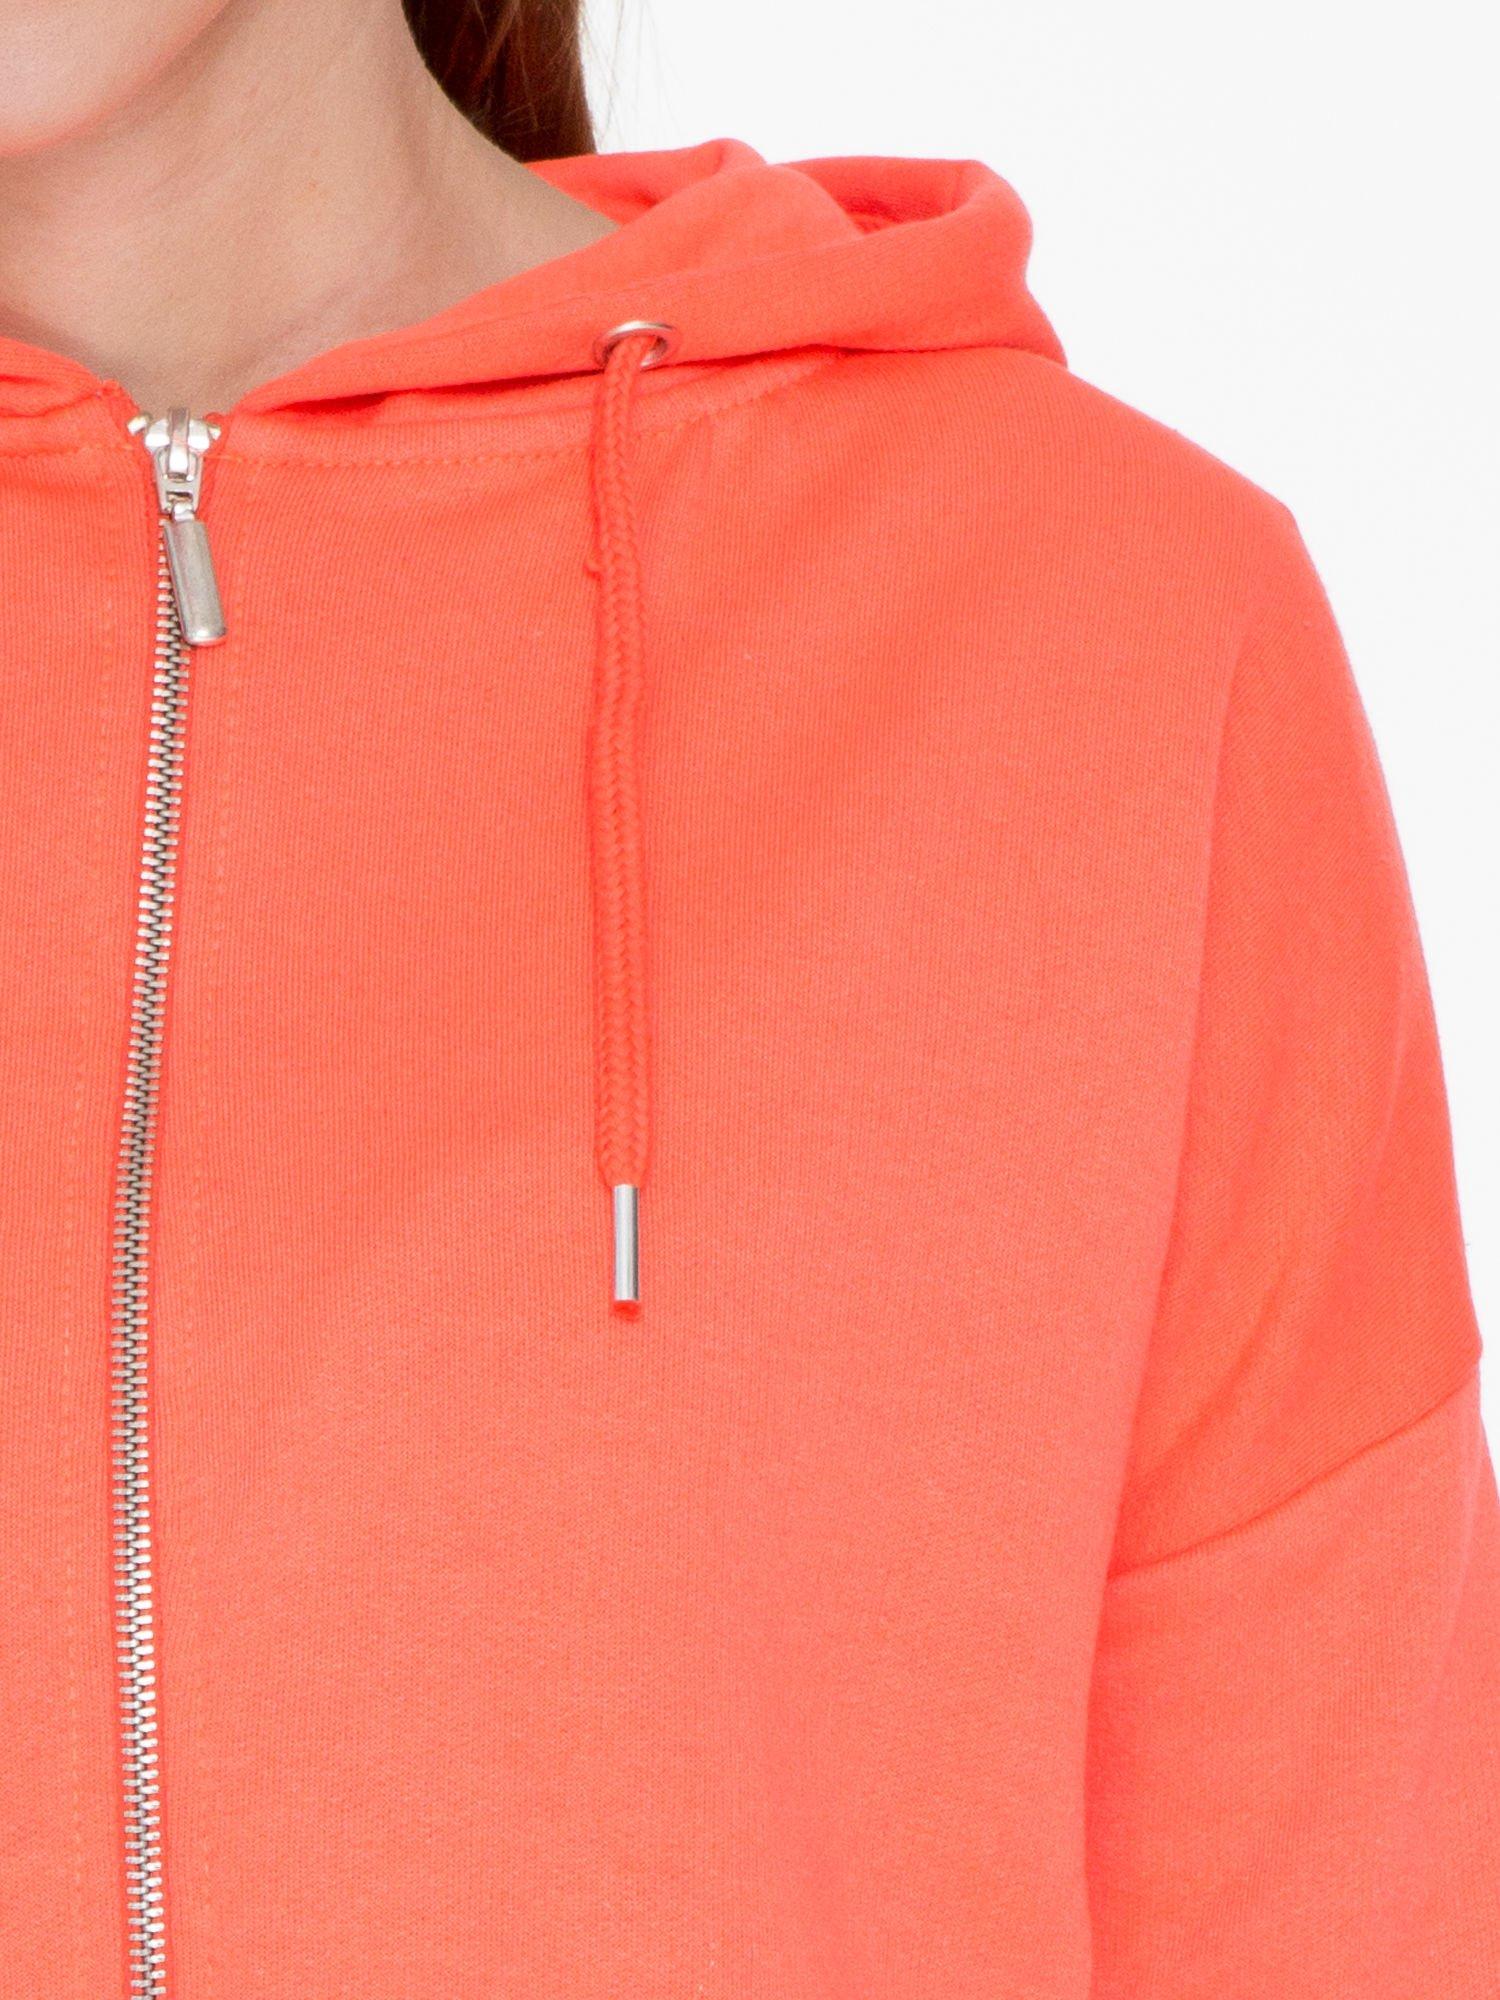 Pomarańczowa bluza damska z kapturem zasuwana na suwak                                  zdj.                                  5